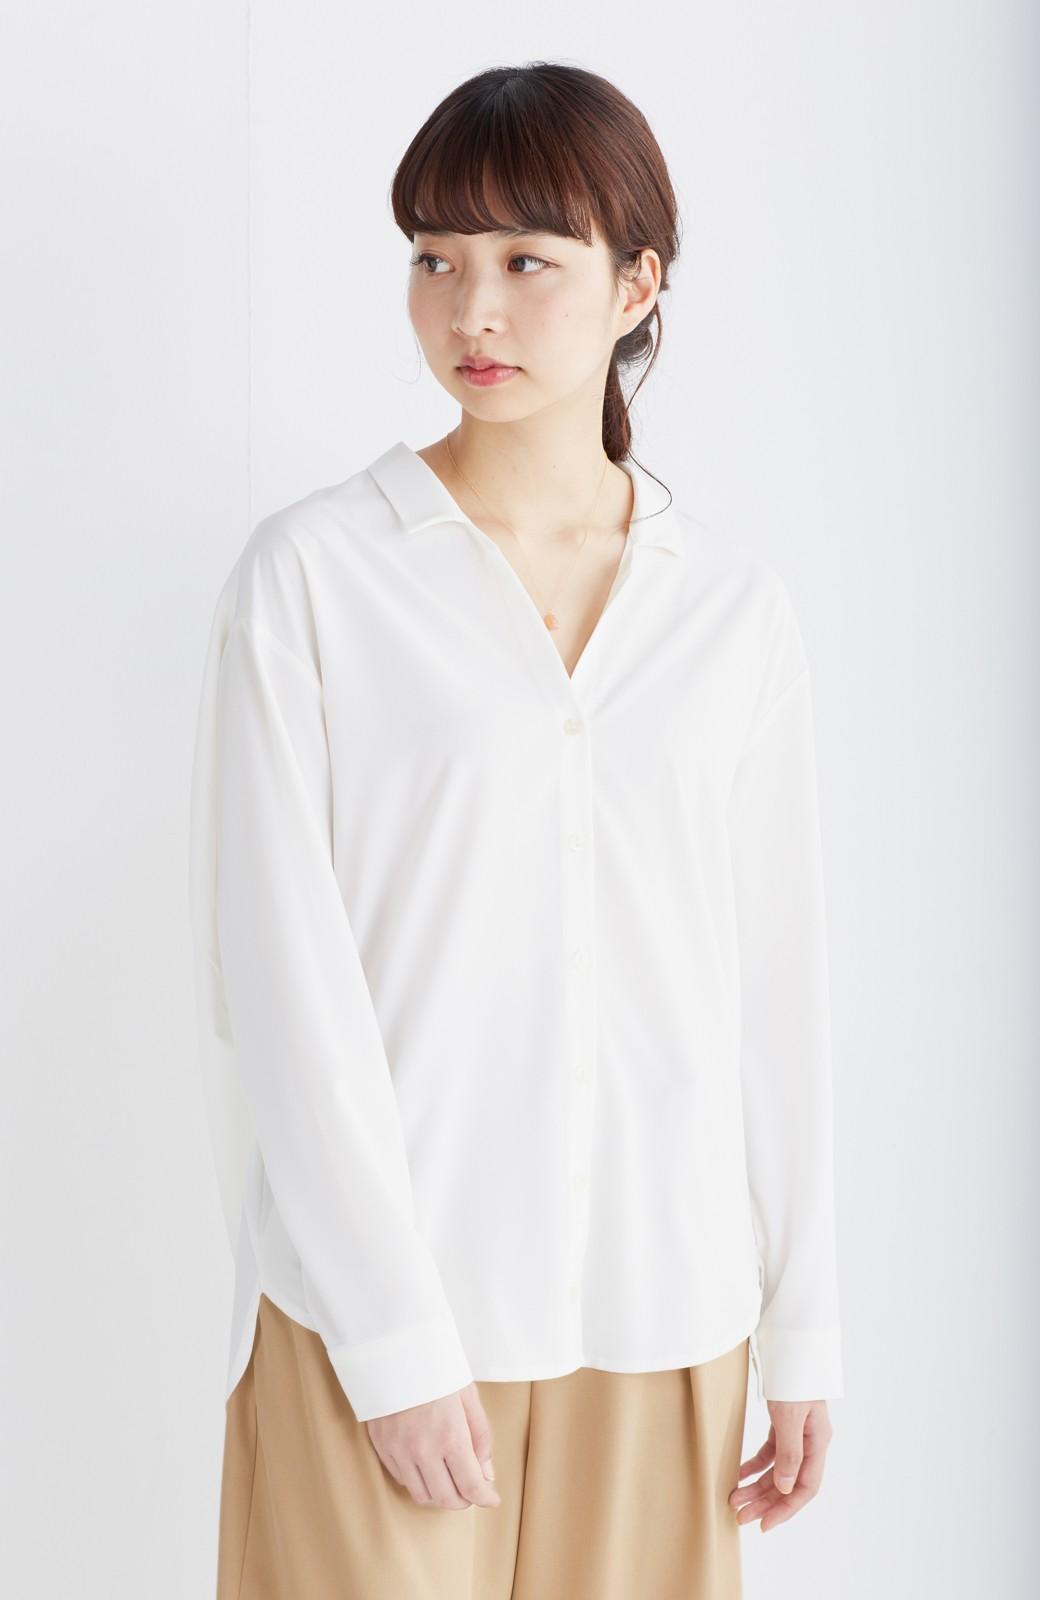 エムトロワ 女らしくてかっこいい スキッパー&抜き衿のとろみシャツ <ホワイト>の商品写真18